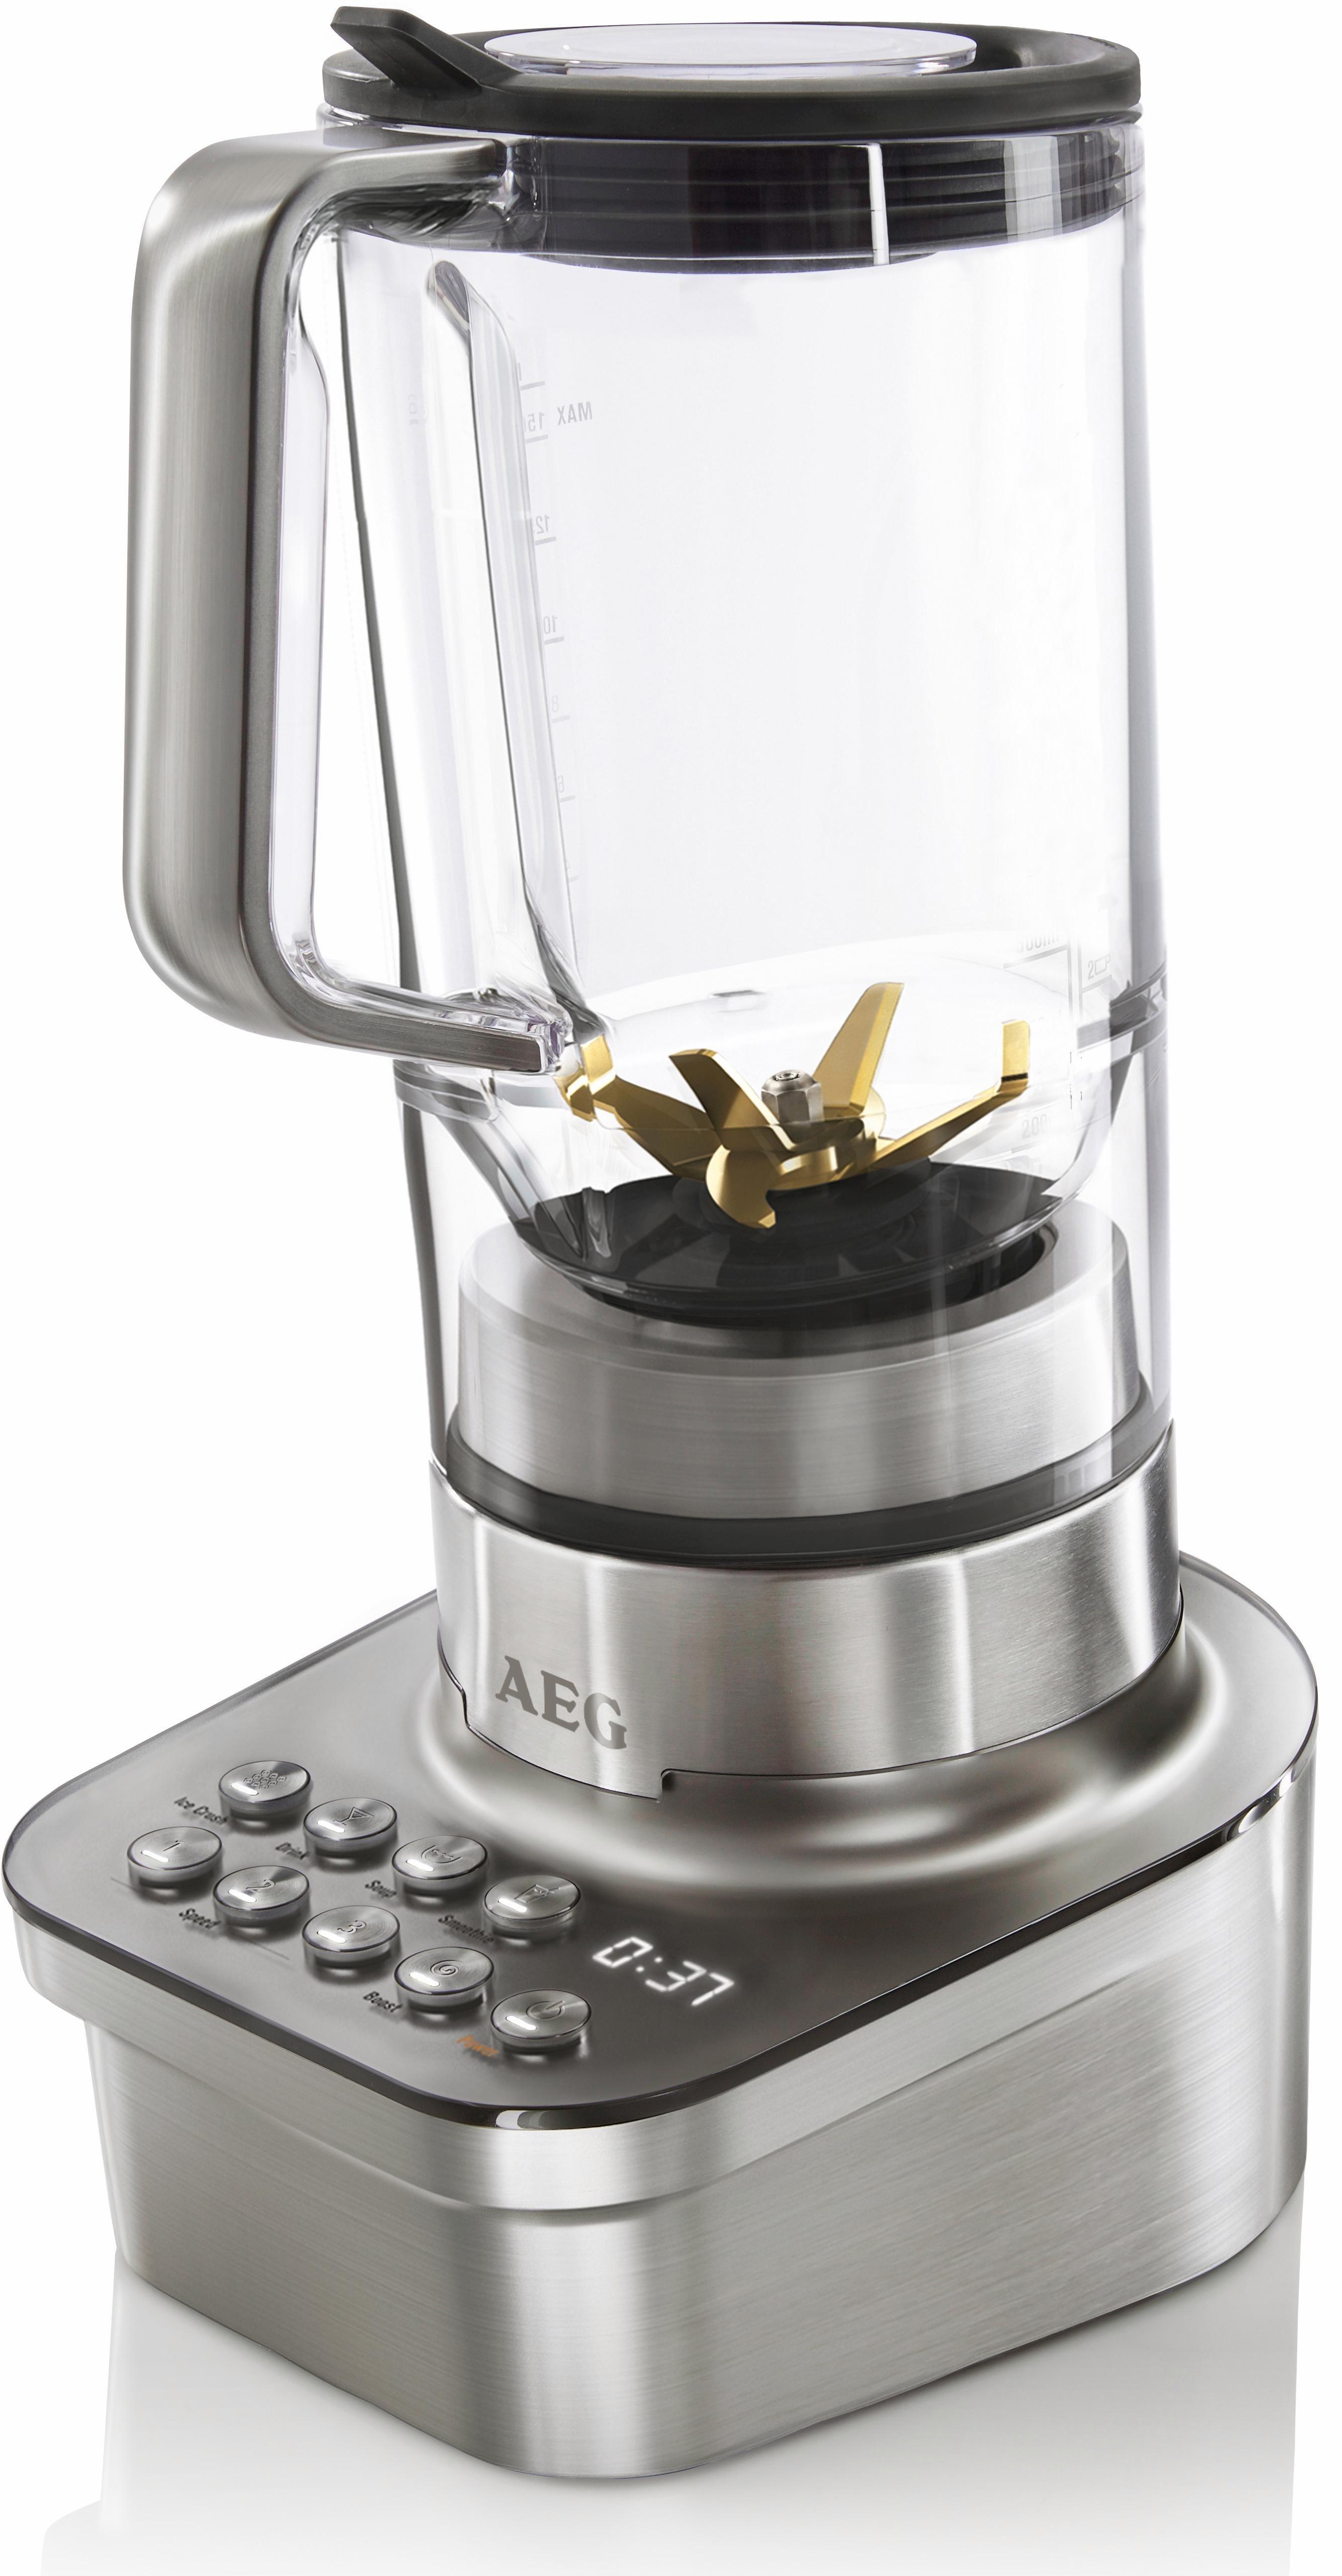 Standmixer Gourmet Pro SB 9300, 1200 Watt, edelstahl